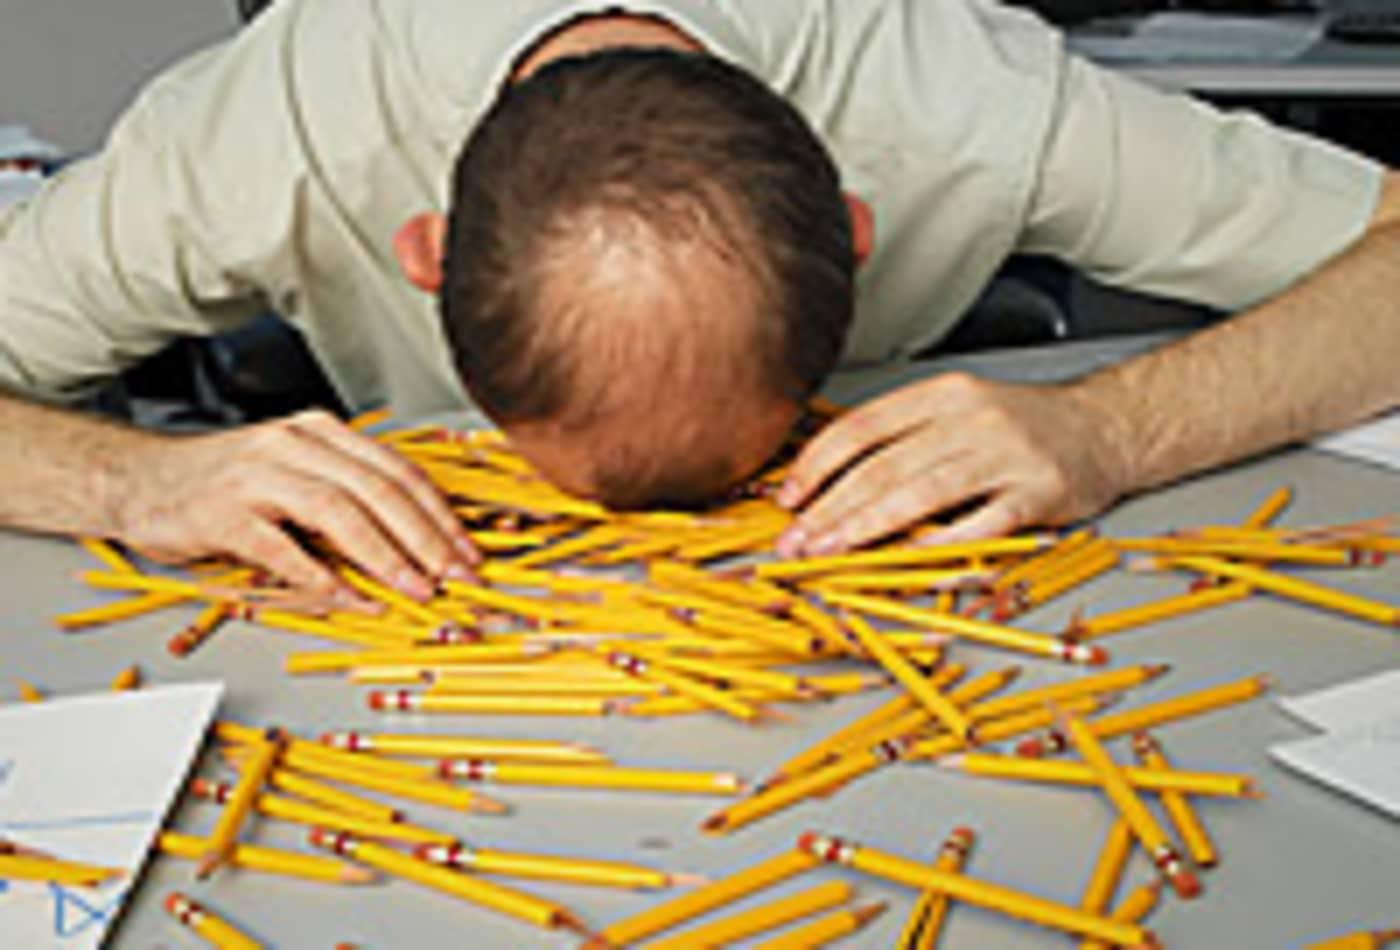 frustrated-worker-broken-pencils-200.jpg